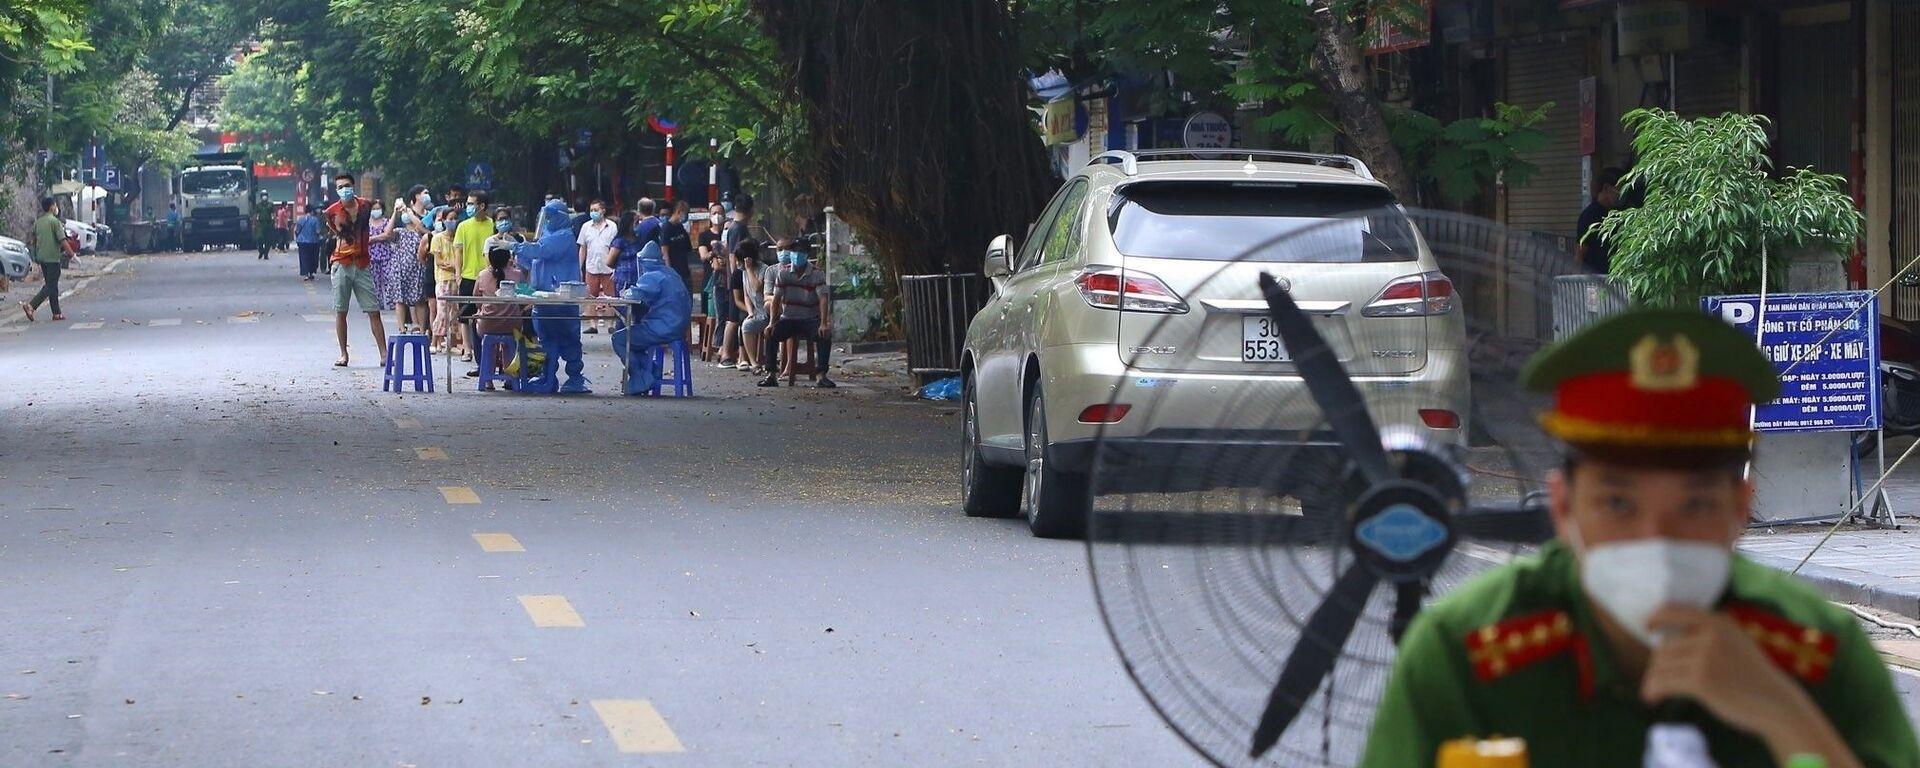 Hà Nội xét nghiệm sàng lọc COVID-19 diện rộng cho cư dân quanh Bệnh viện Việt Đức - Sputnik Việt Nam, 1920, 04.10.2021